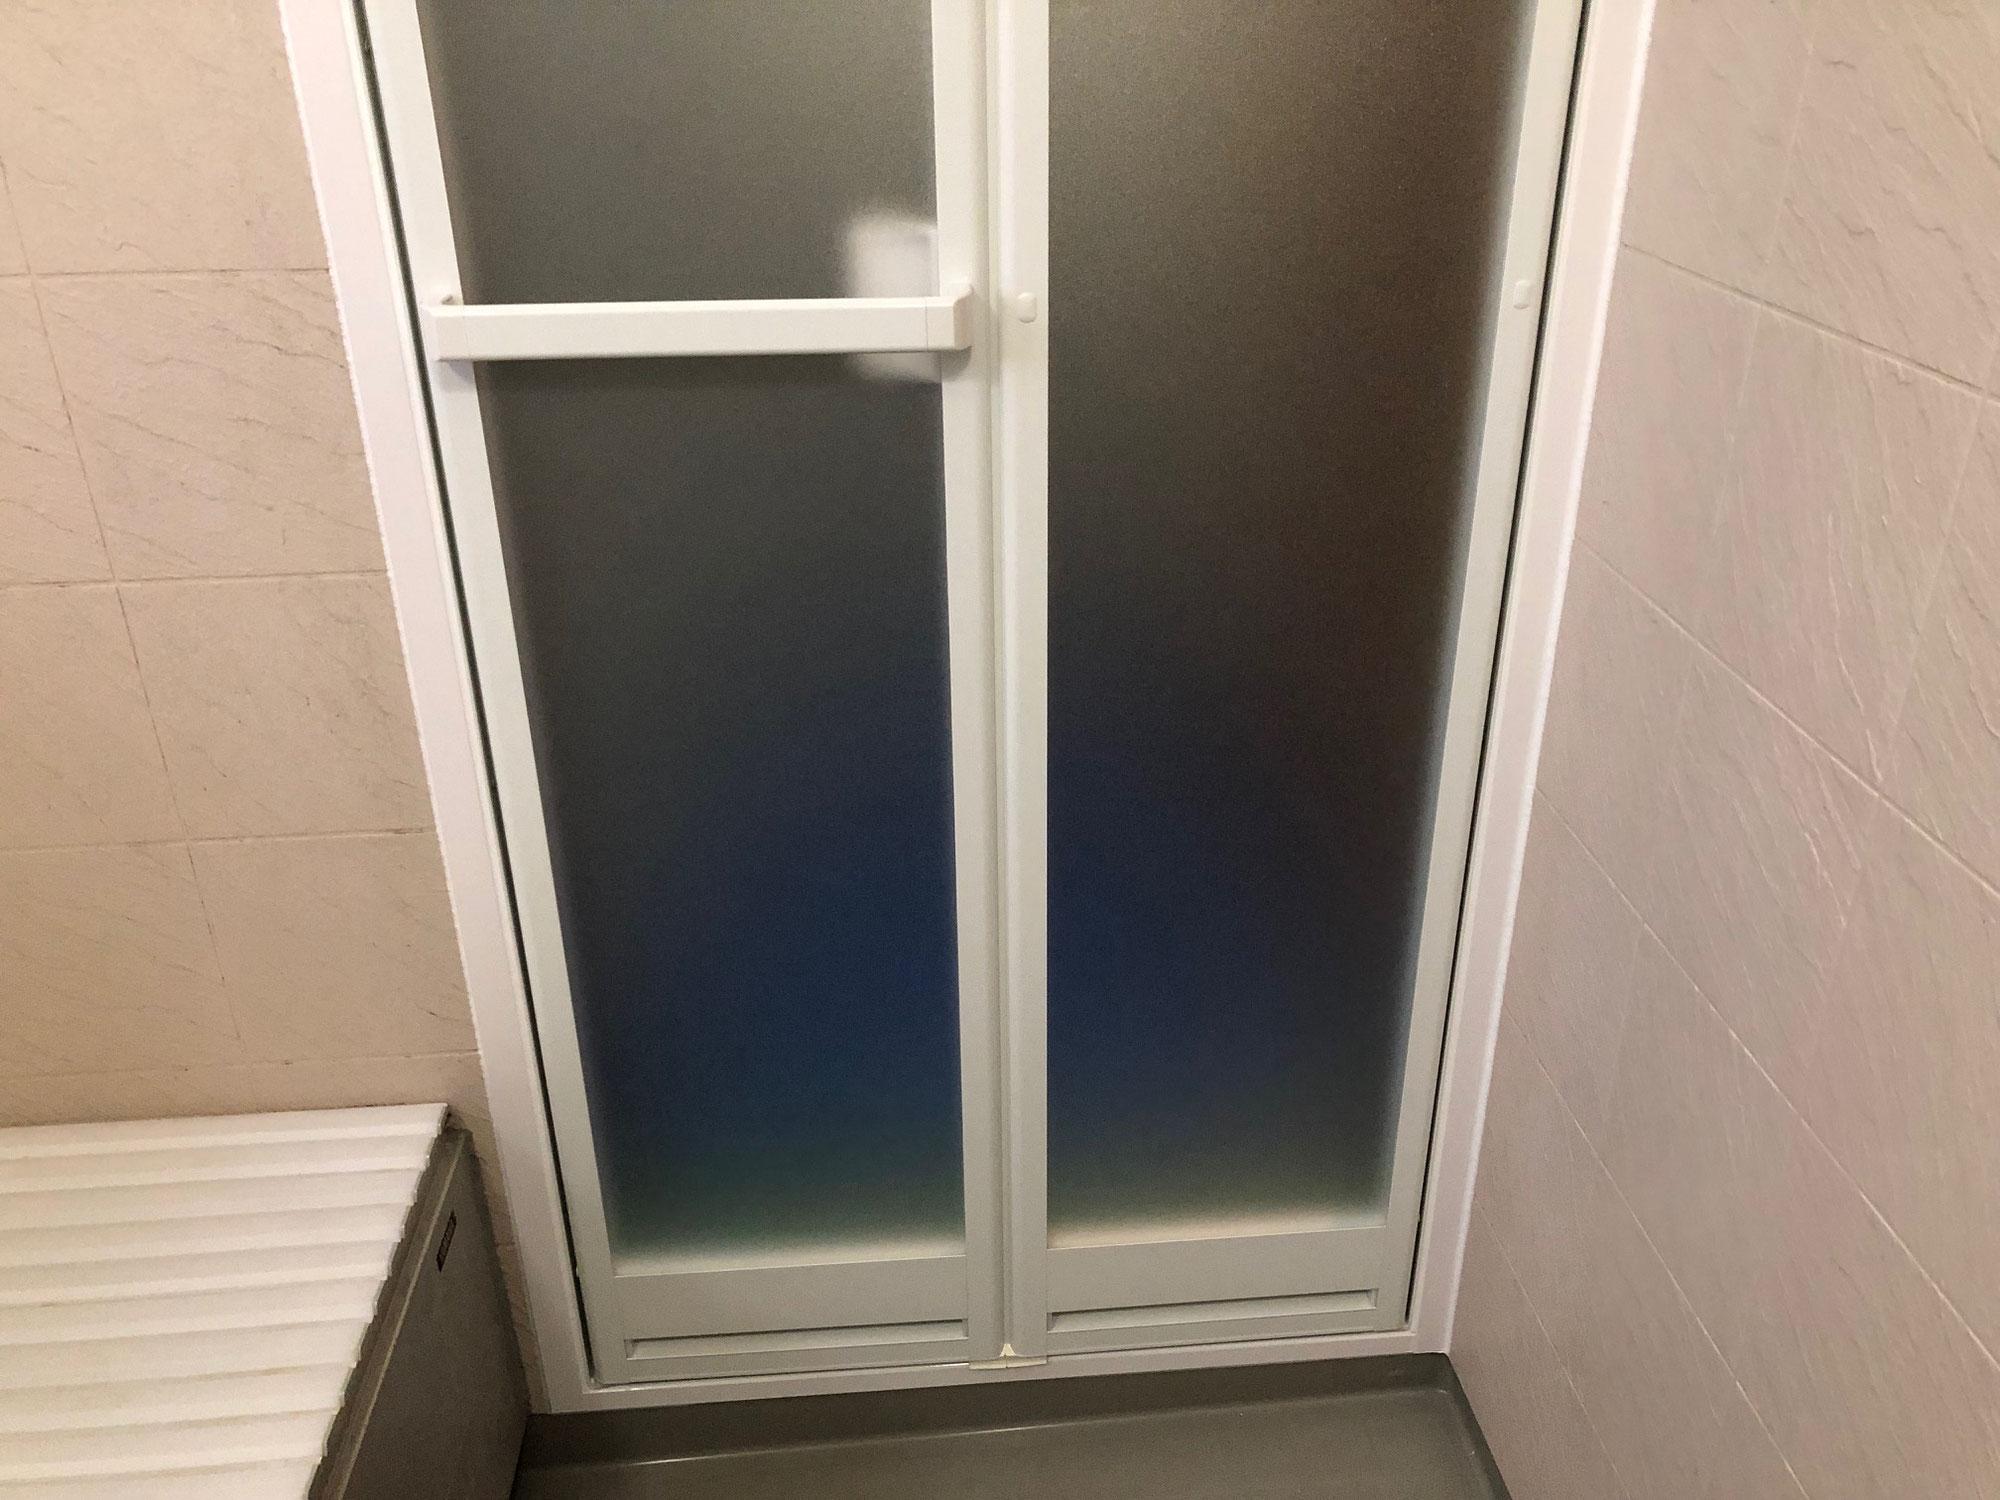 一般住宅ユニットバスドア交換(四方アタッチメント工法) 香川県丸亀市飯野